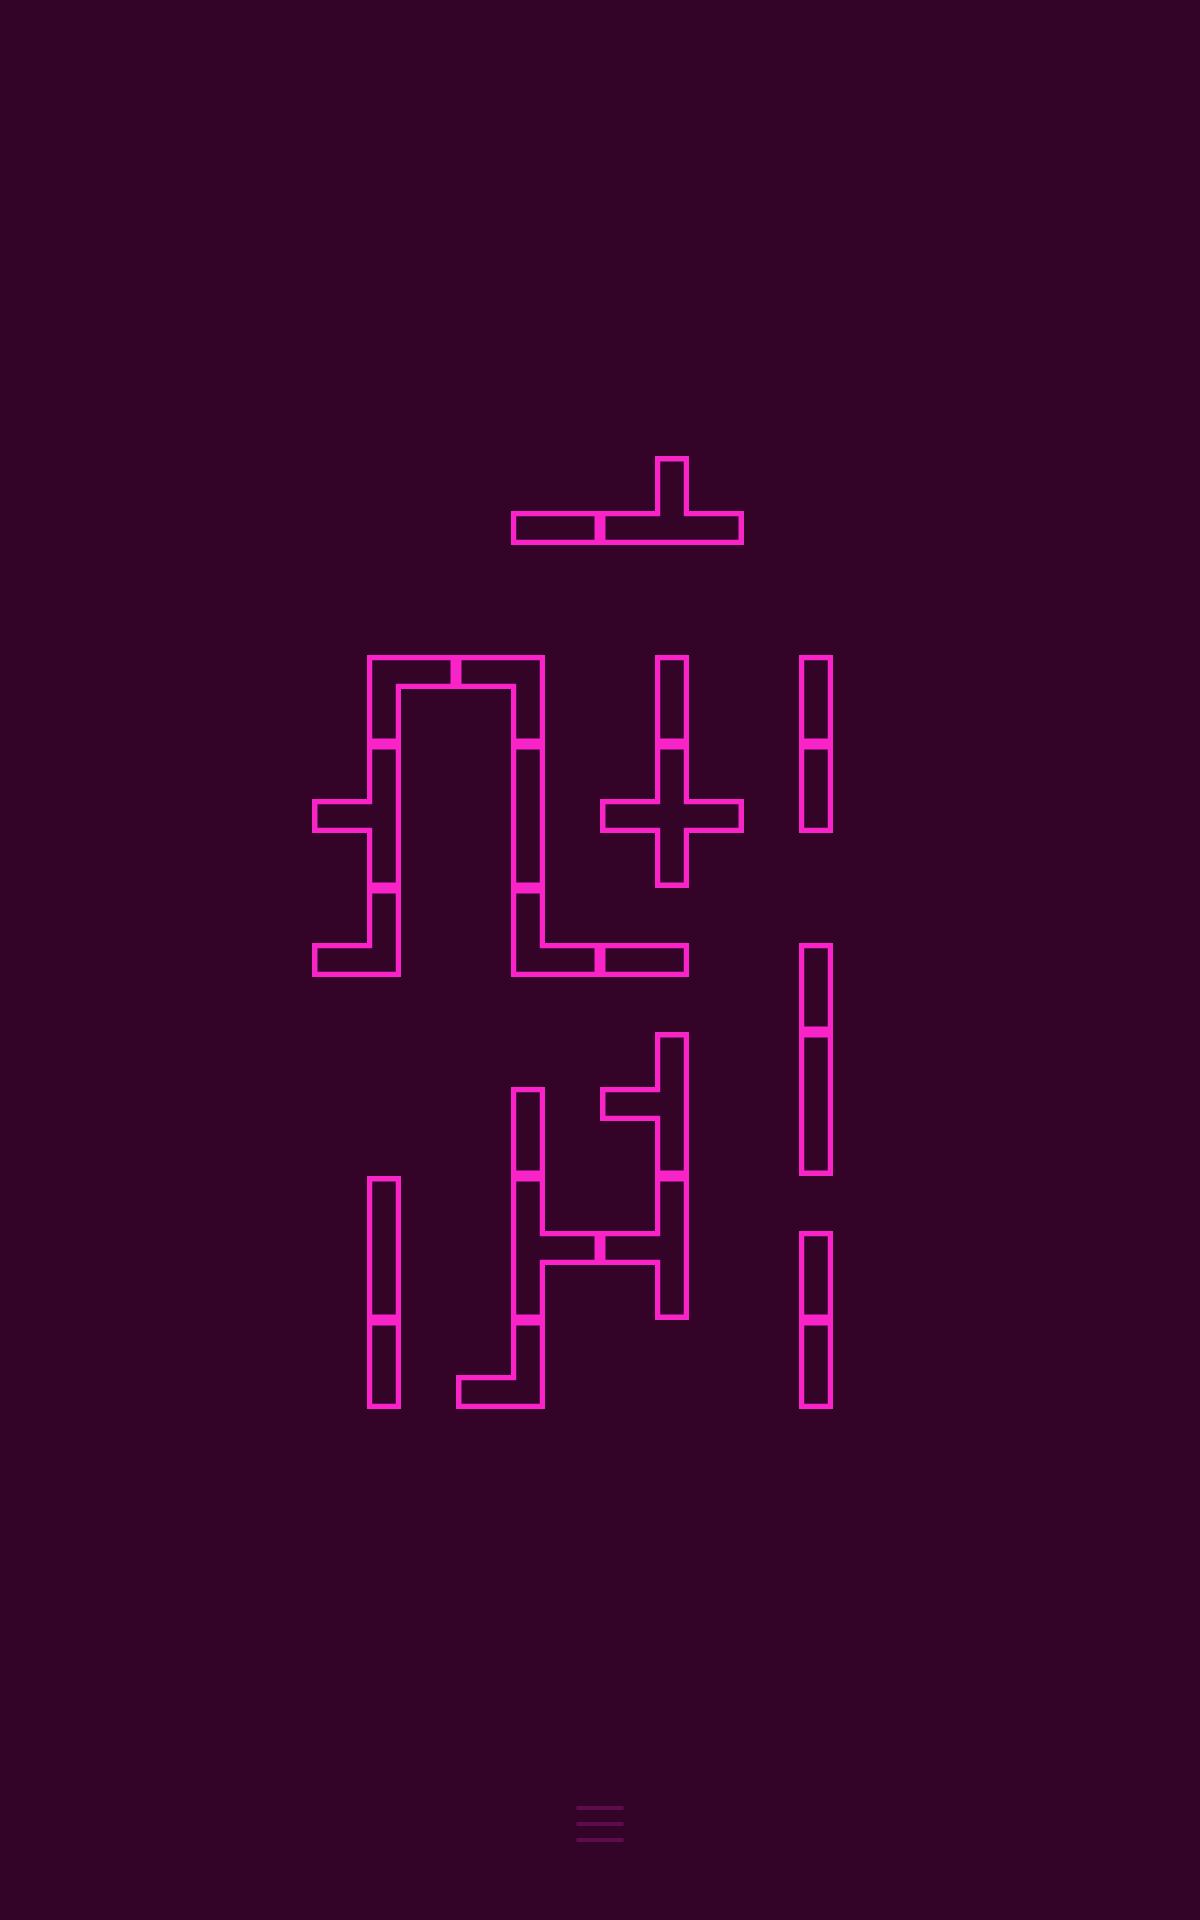 Screenshot:  Mehrere verbundene, teils nicht verbundene geometrische Figuren auf einfärbigem Hintergrund